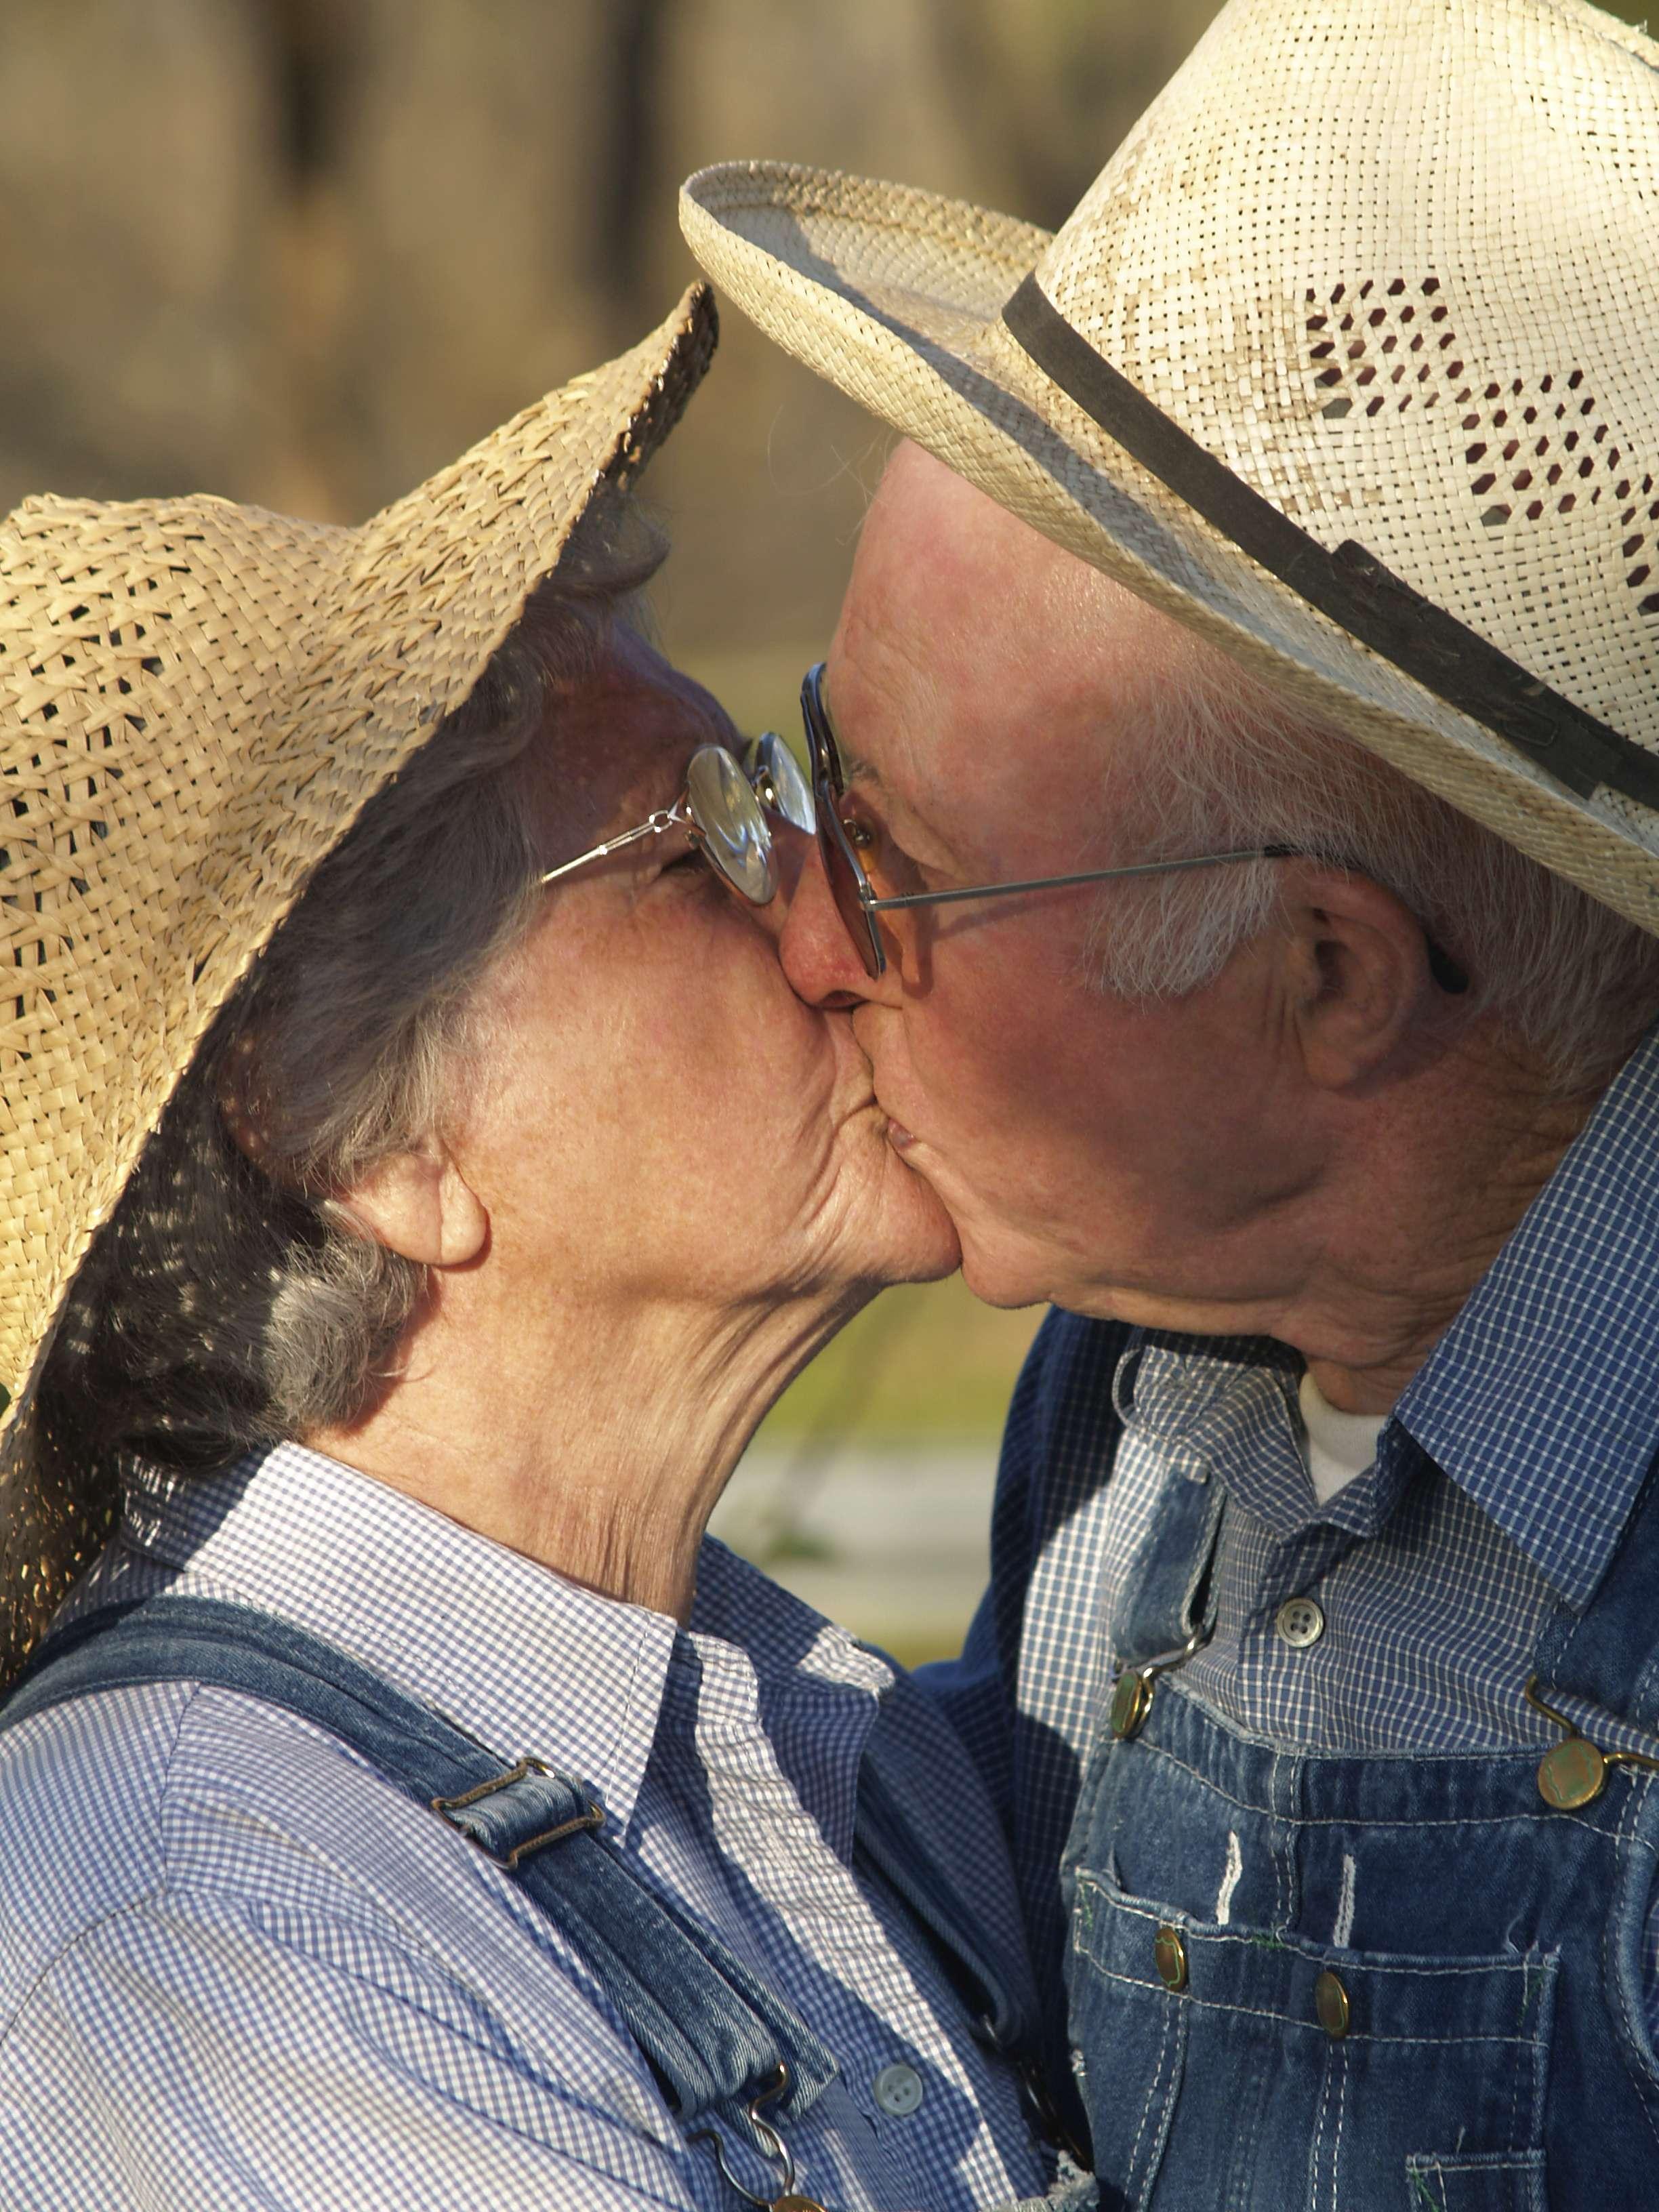 Pesquisa apontou que conflitos com parceiro(a) dificultam mais a vida sexual do que problemas causados pela idade Foto: istock